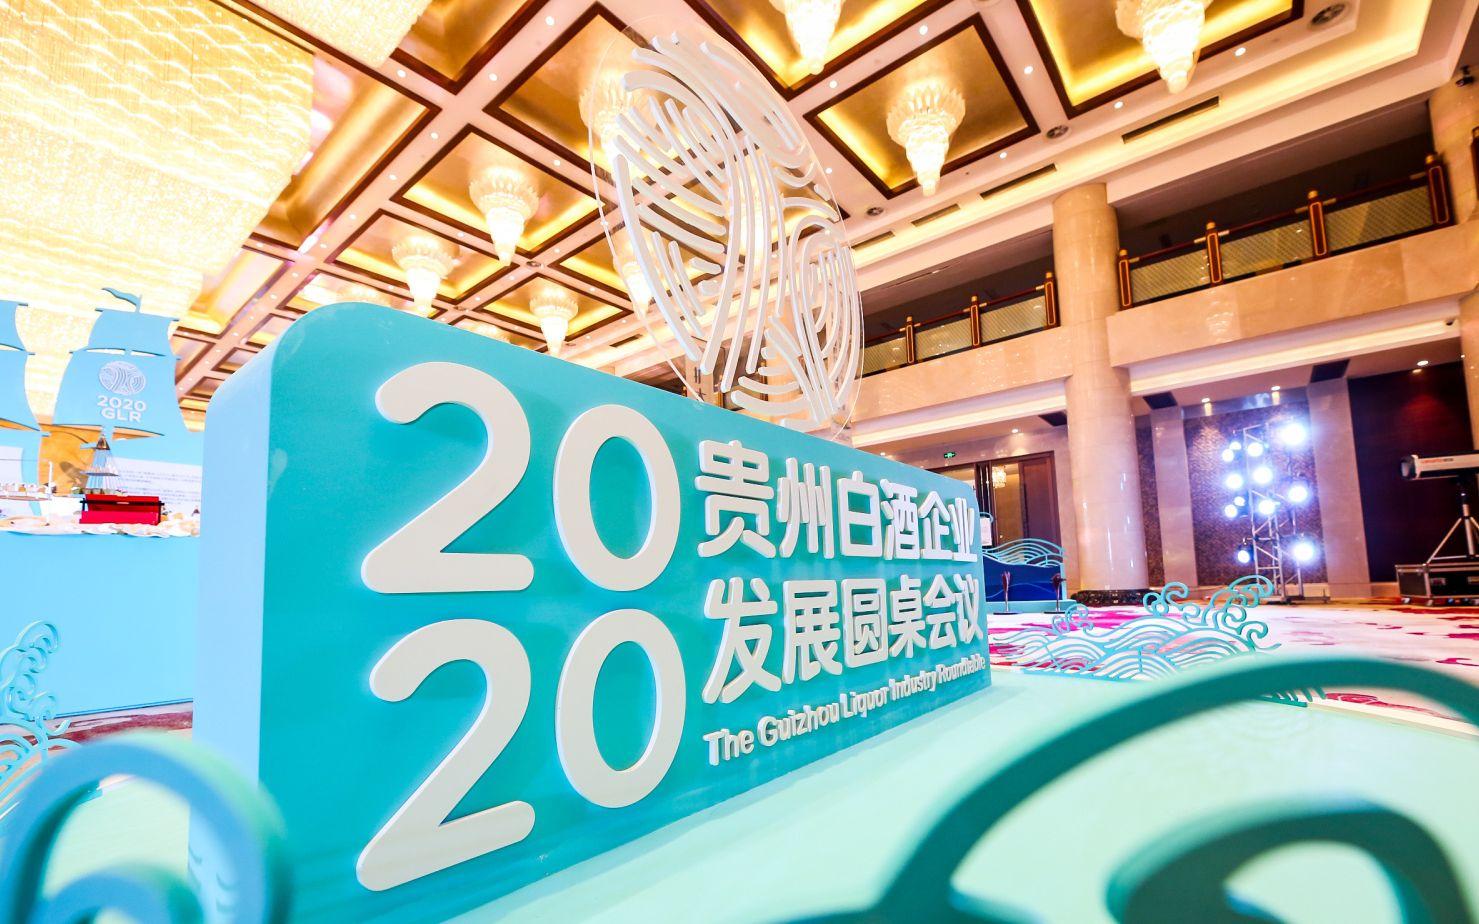 2020贵州白酒企业发展圆桌会议召开,一文看全酒业大咖说了啥图片